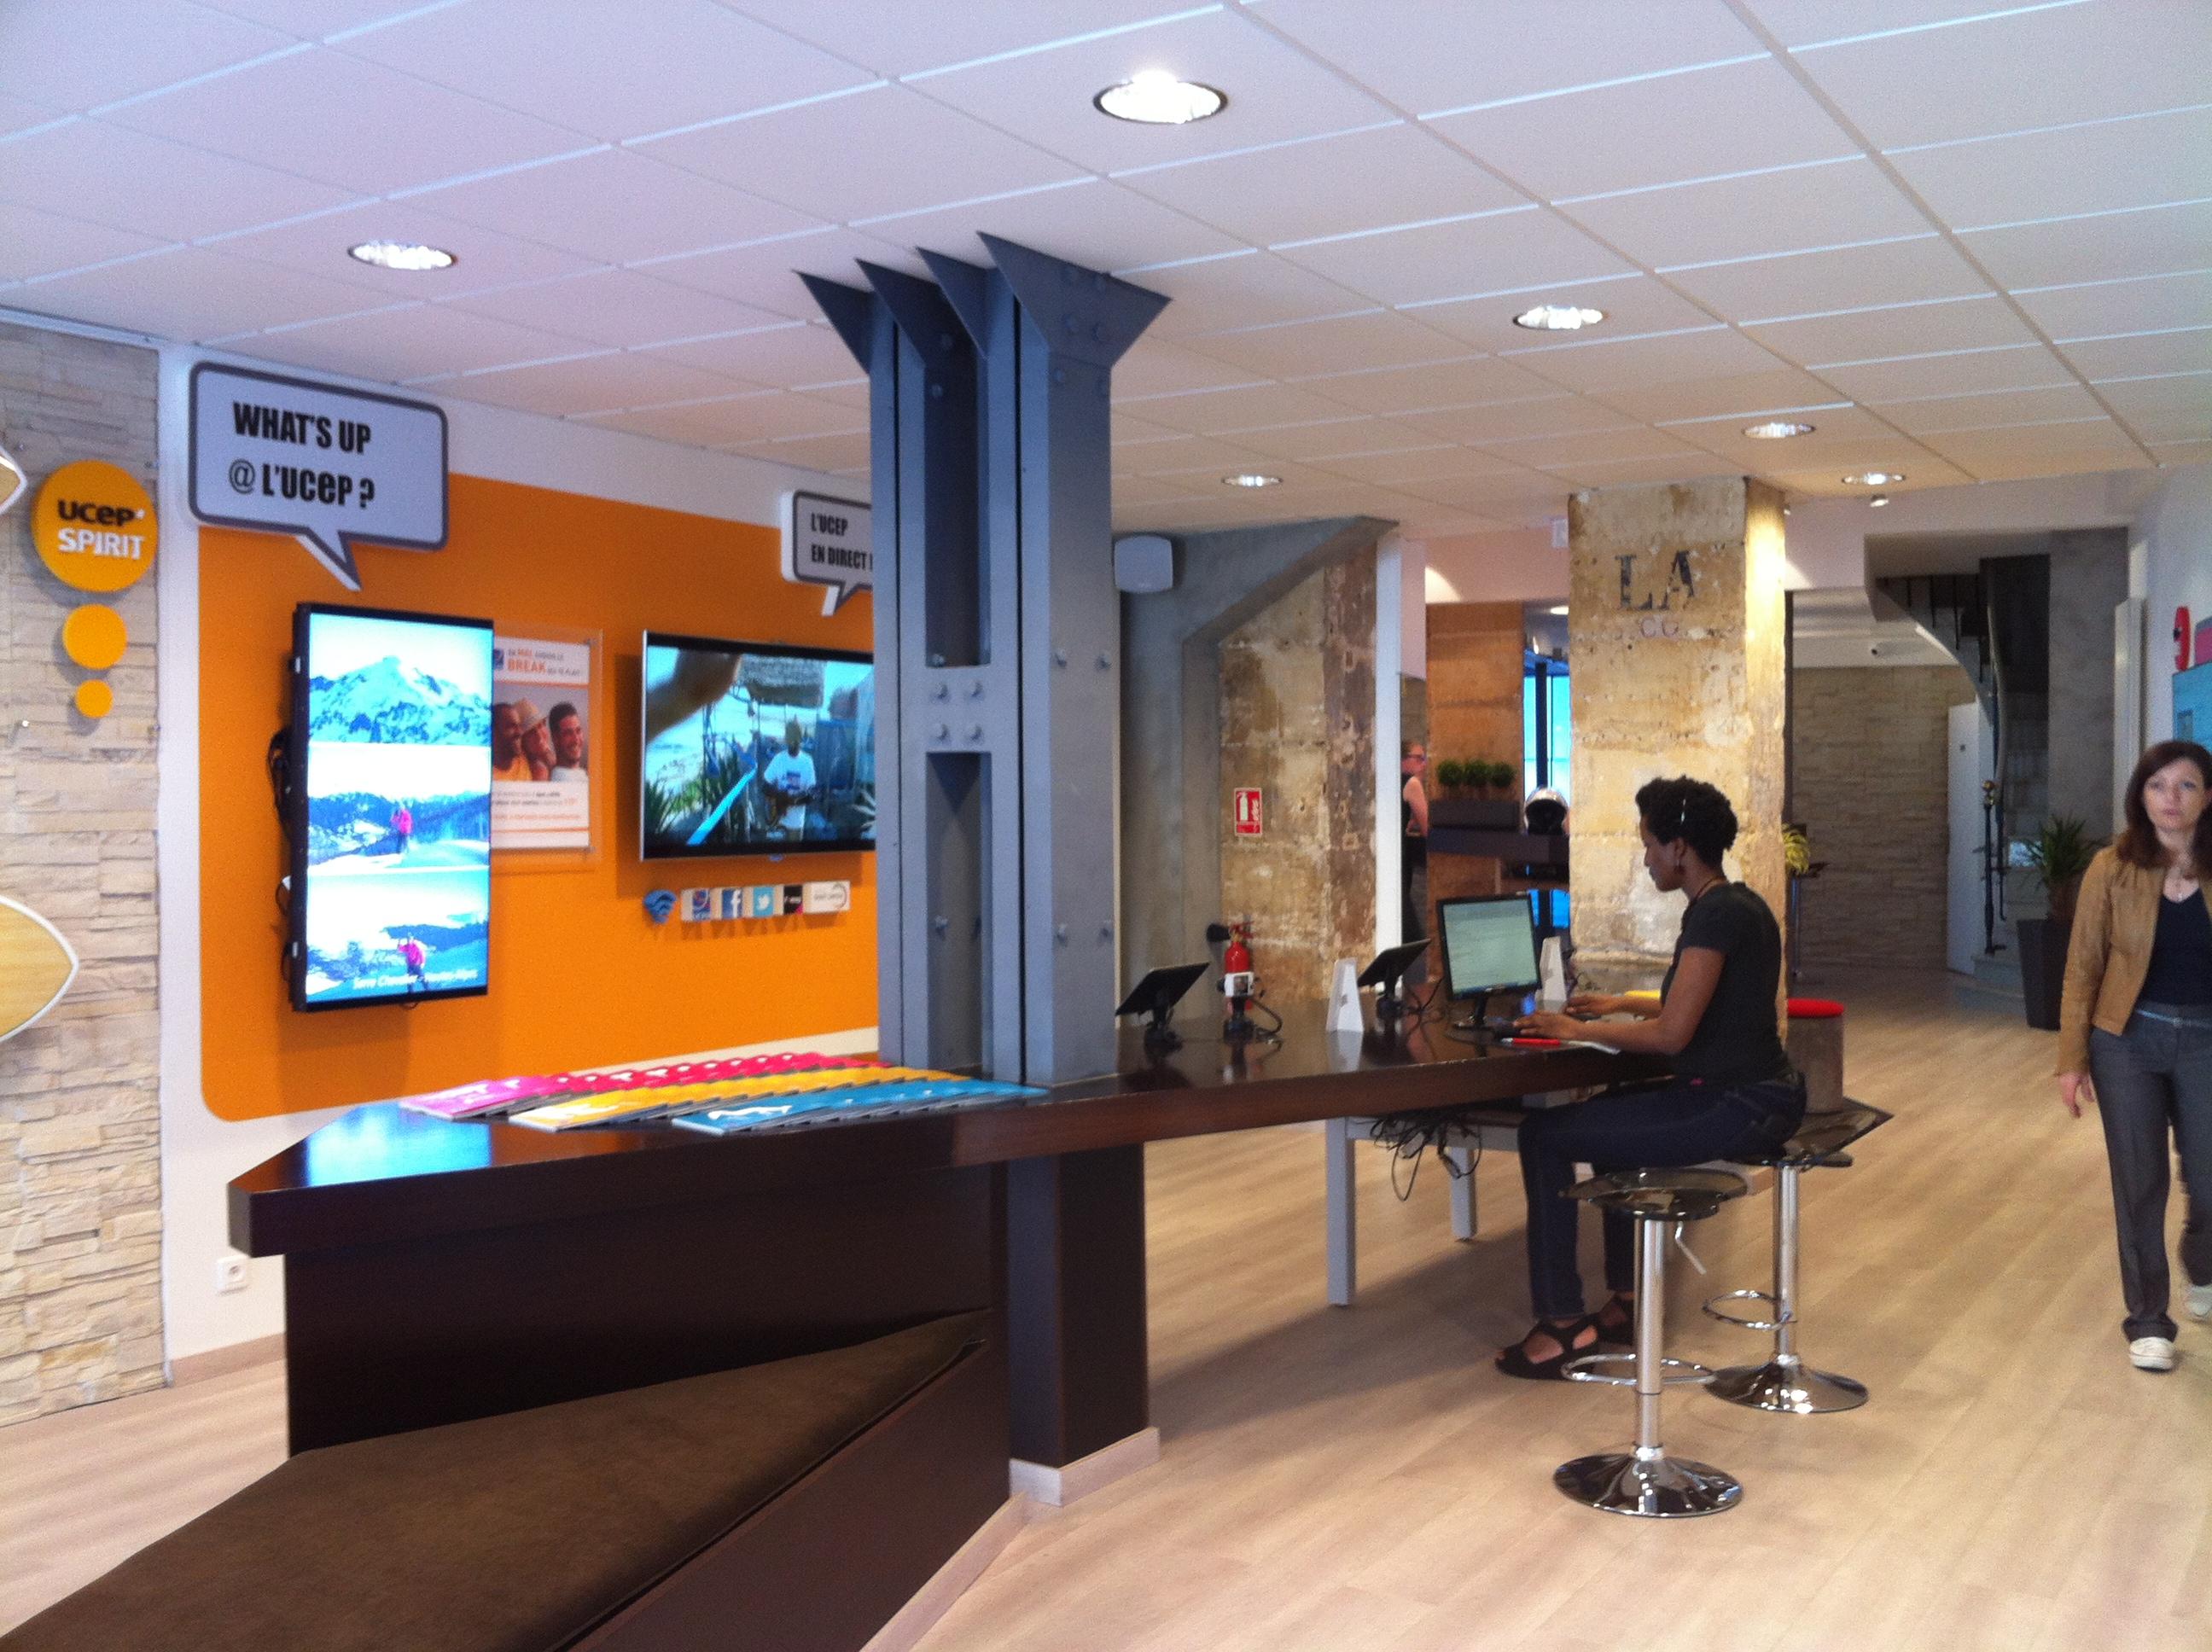 L'UCPA enrichit l'Expérience de ses Clients avec son Concept Store connecté (1 / 3)